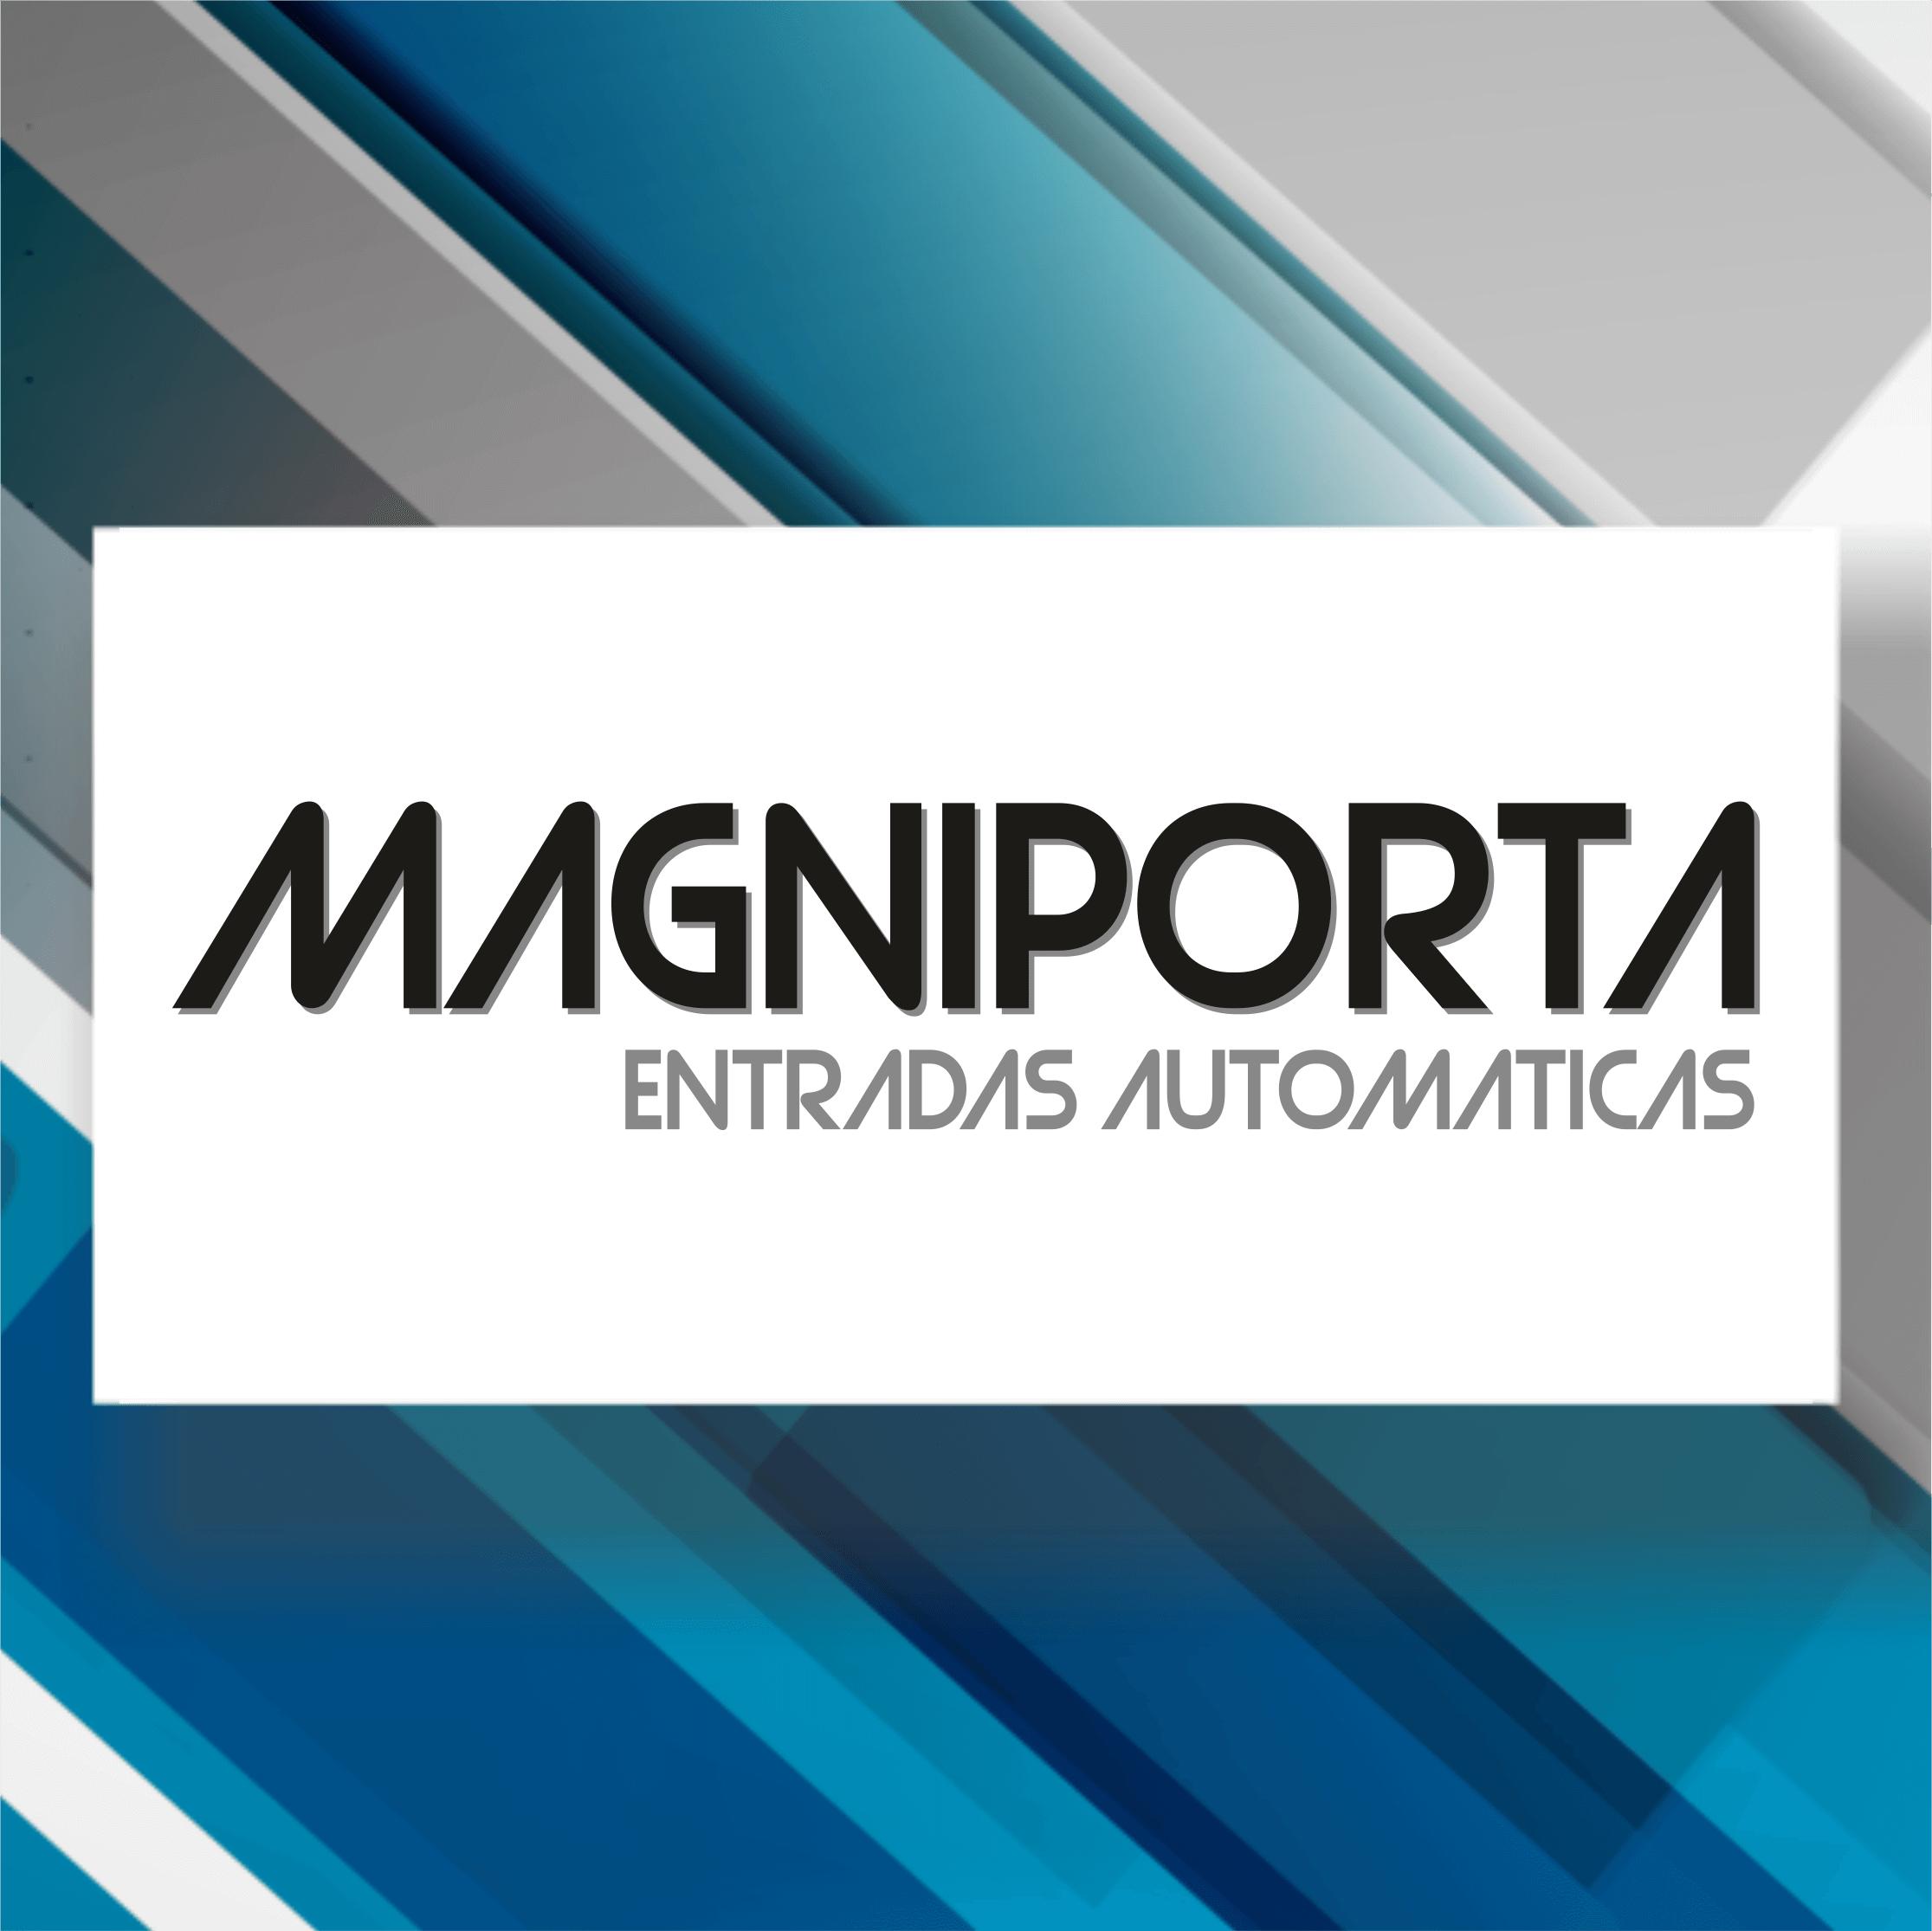 Magniporta | Entradas Automáticas